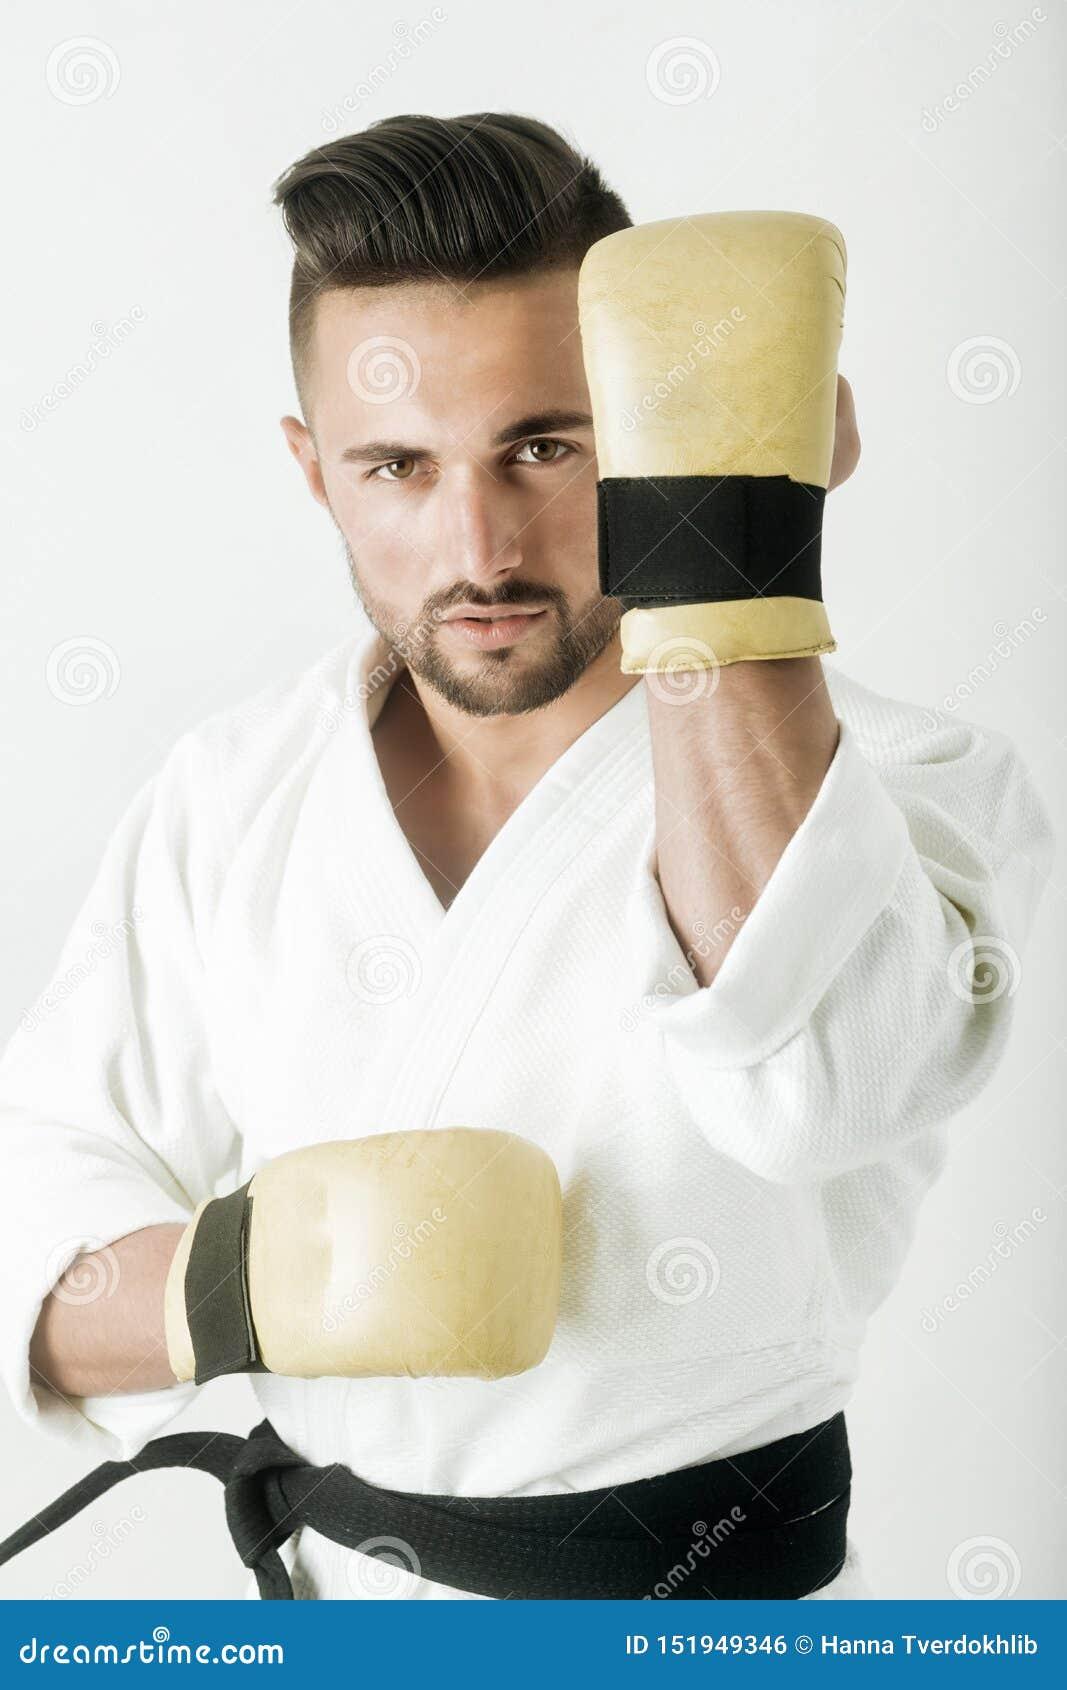 Спортзал, зала для карате Восточные боевые искусства Привлекательный воин в кимоно Красивый спортсмен с бородой Защитительный